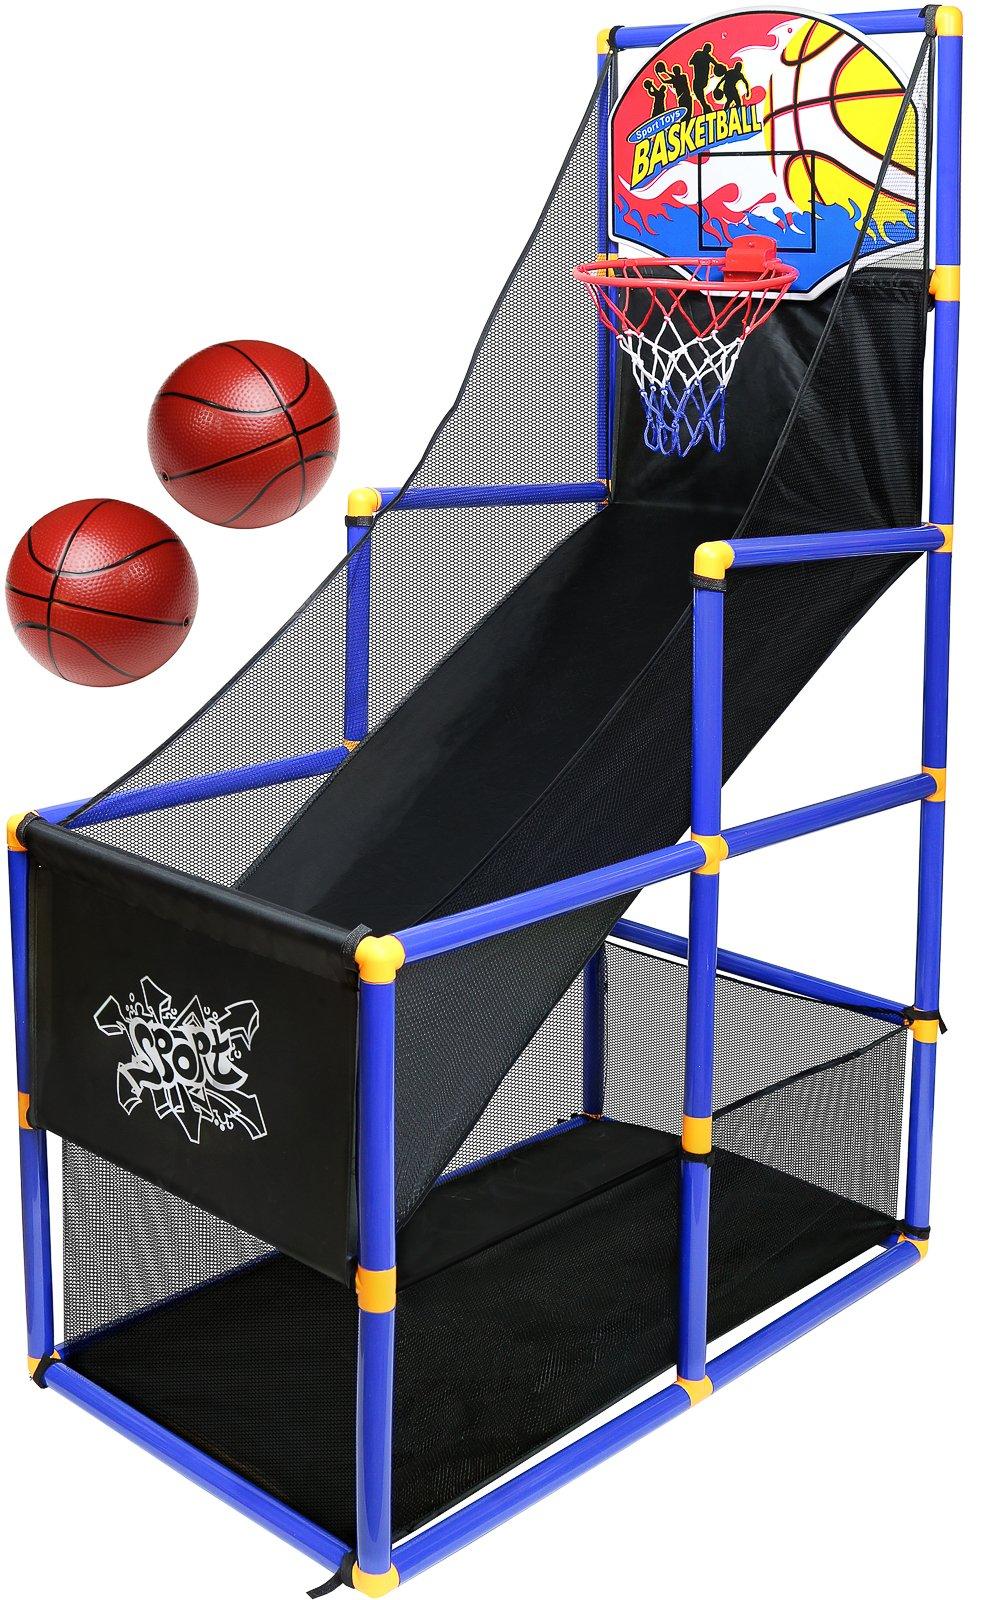 Kiddie Play Kids Basketball Hoop Arcade Game by Kiddie Play